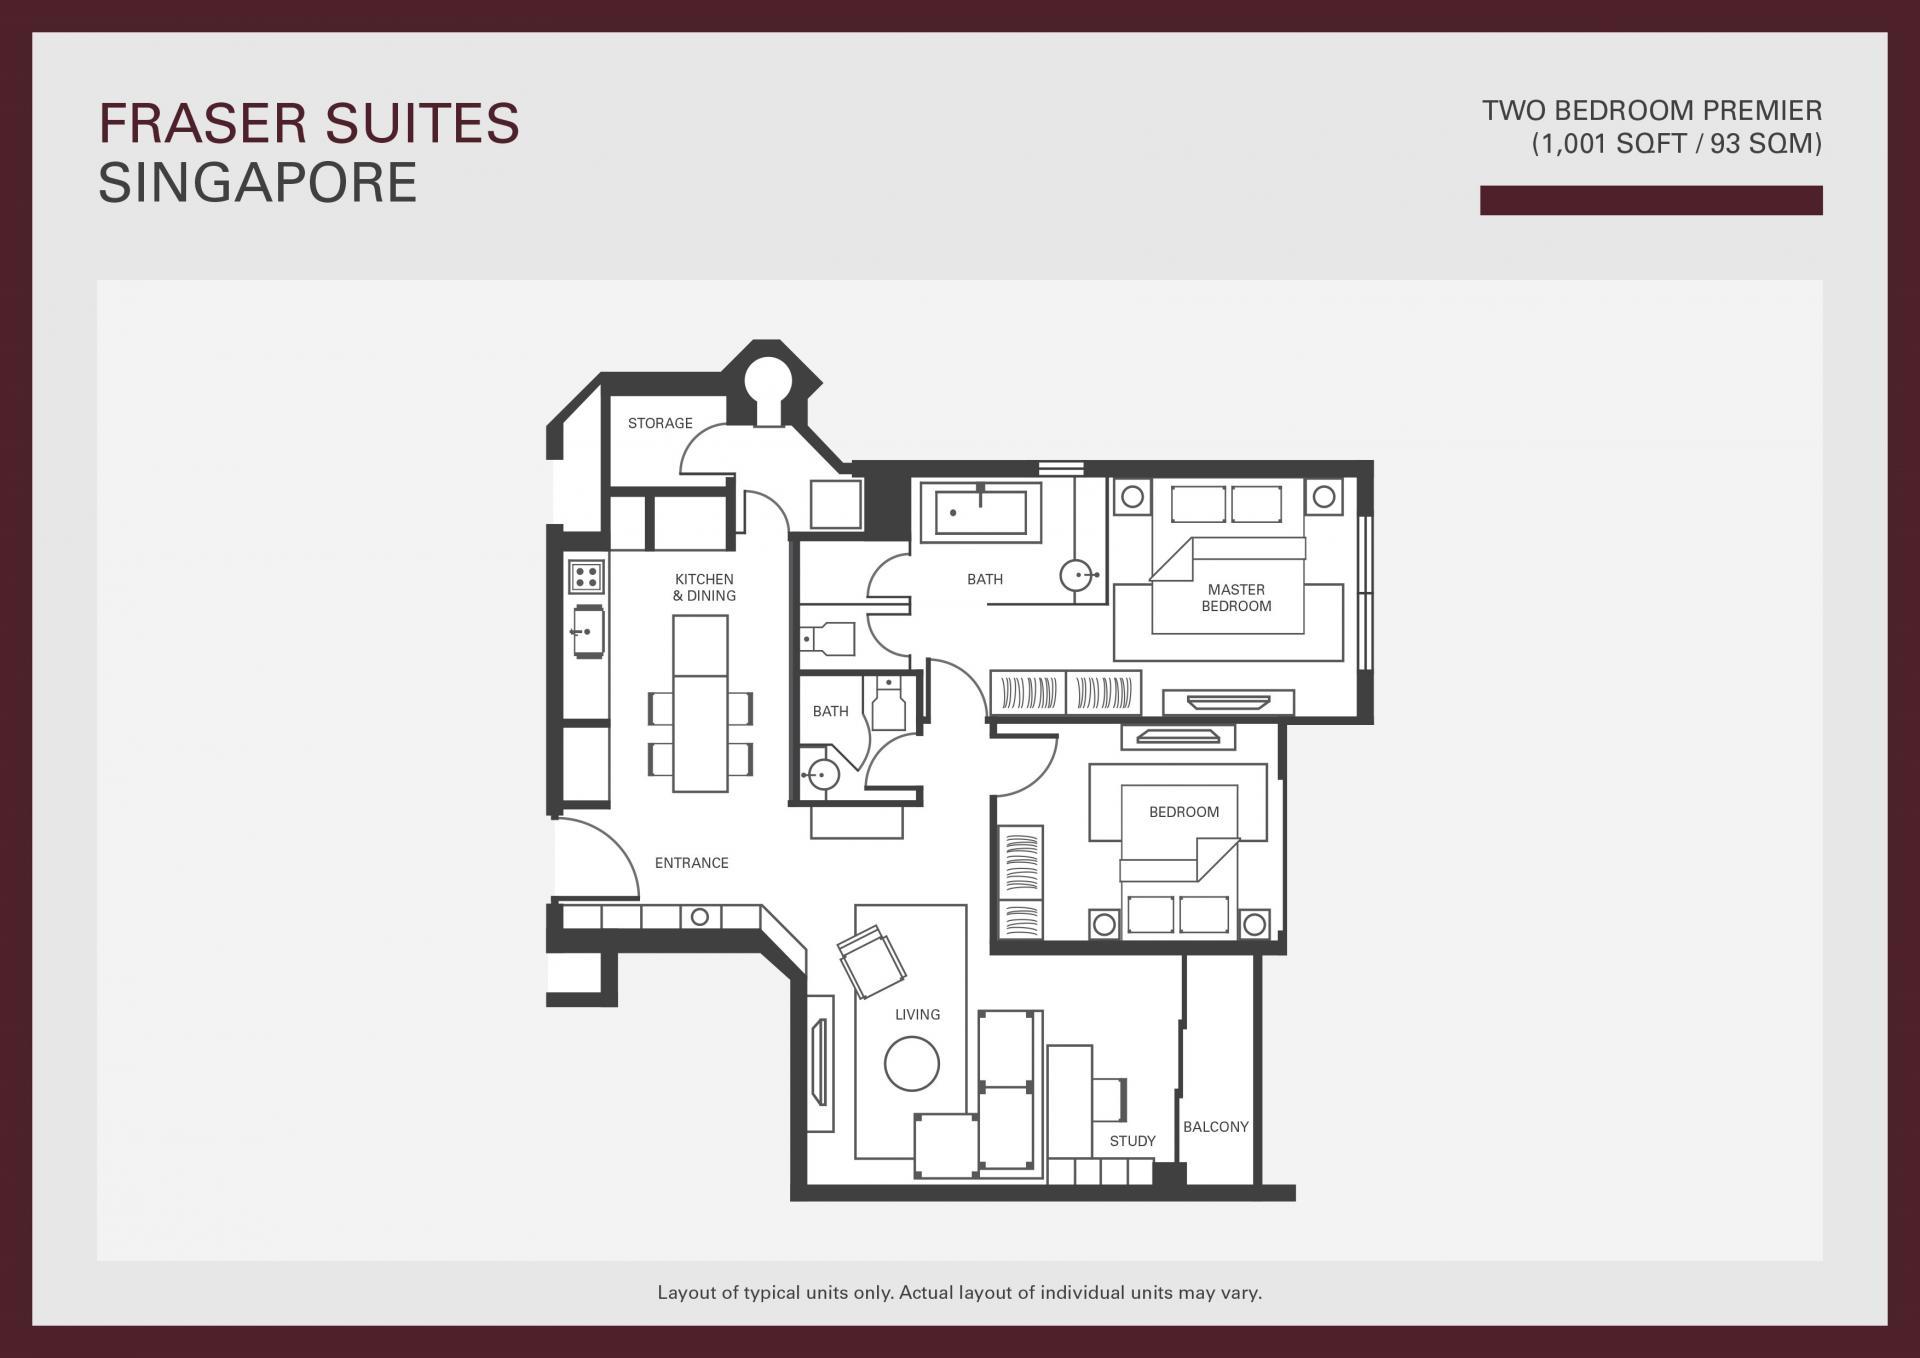 Floorplan 2 at Fraser Suites Singapore